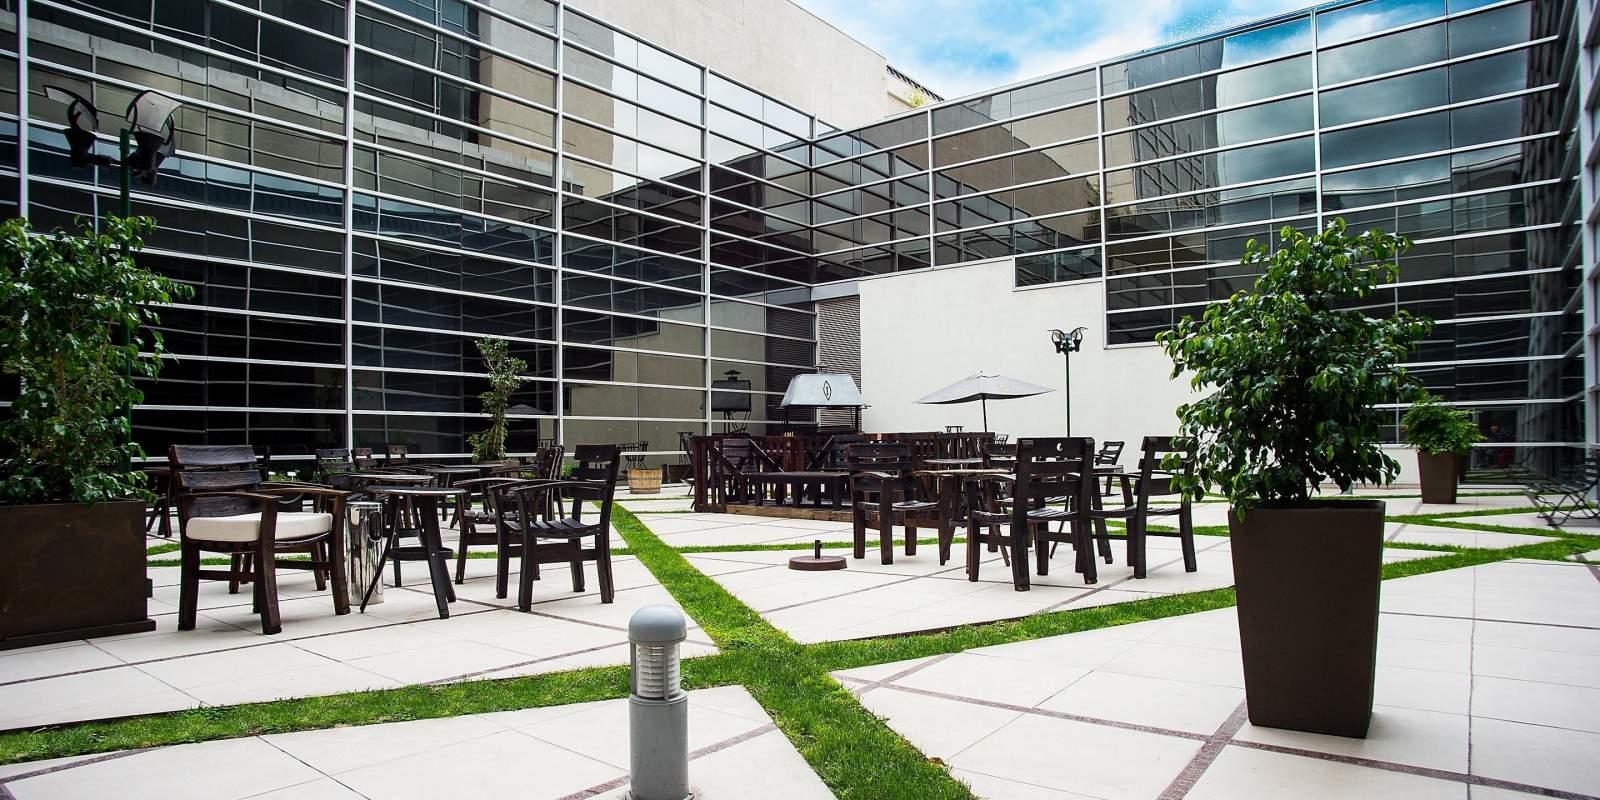 hotel intercontinental mendoza argentina 3 -proyecto-saxum-mineria-industria-construccion-empresas-ingenieria-argentina-litio-cementera